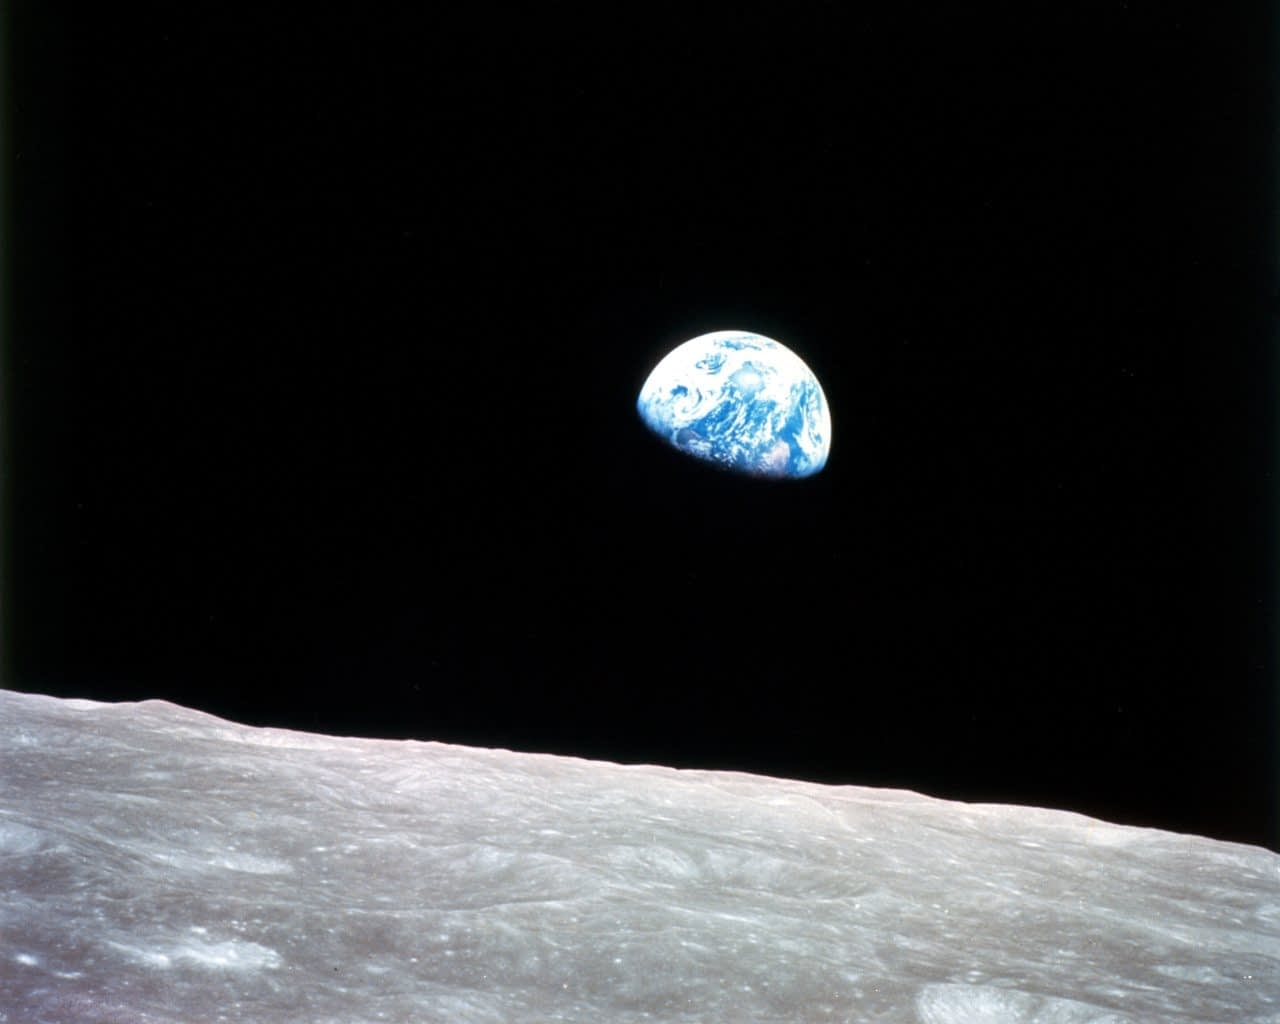 Jörðin, séð frá Tunglinu árið 1968. NASA. Landvernd.is